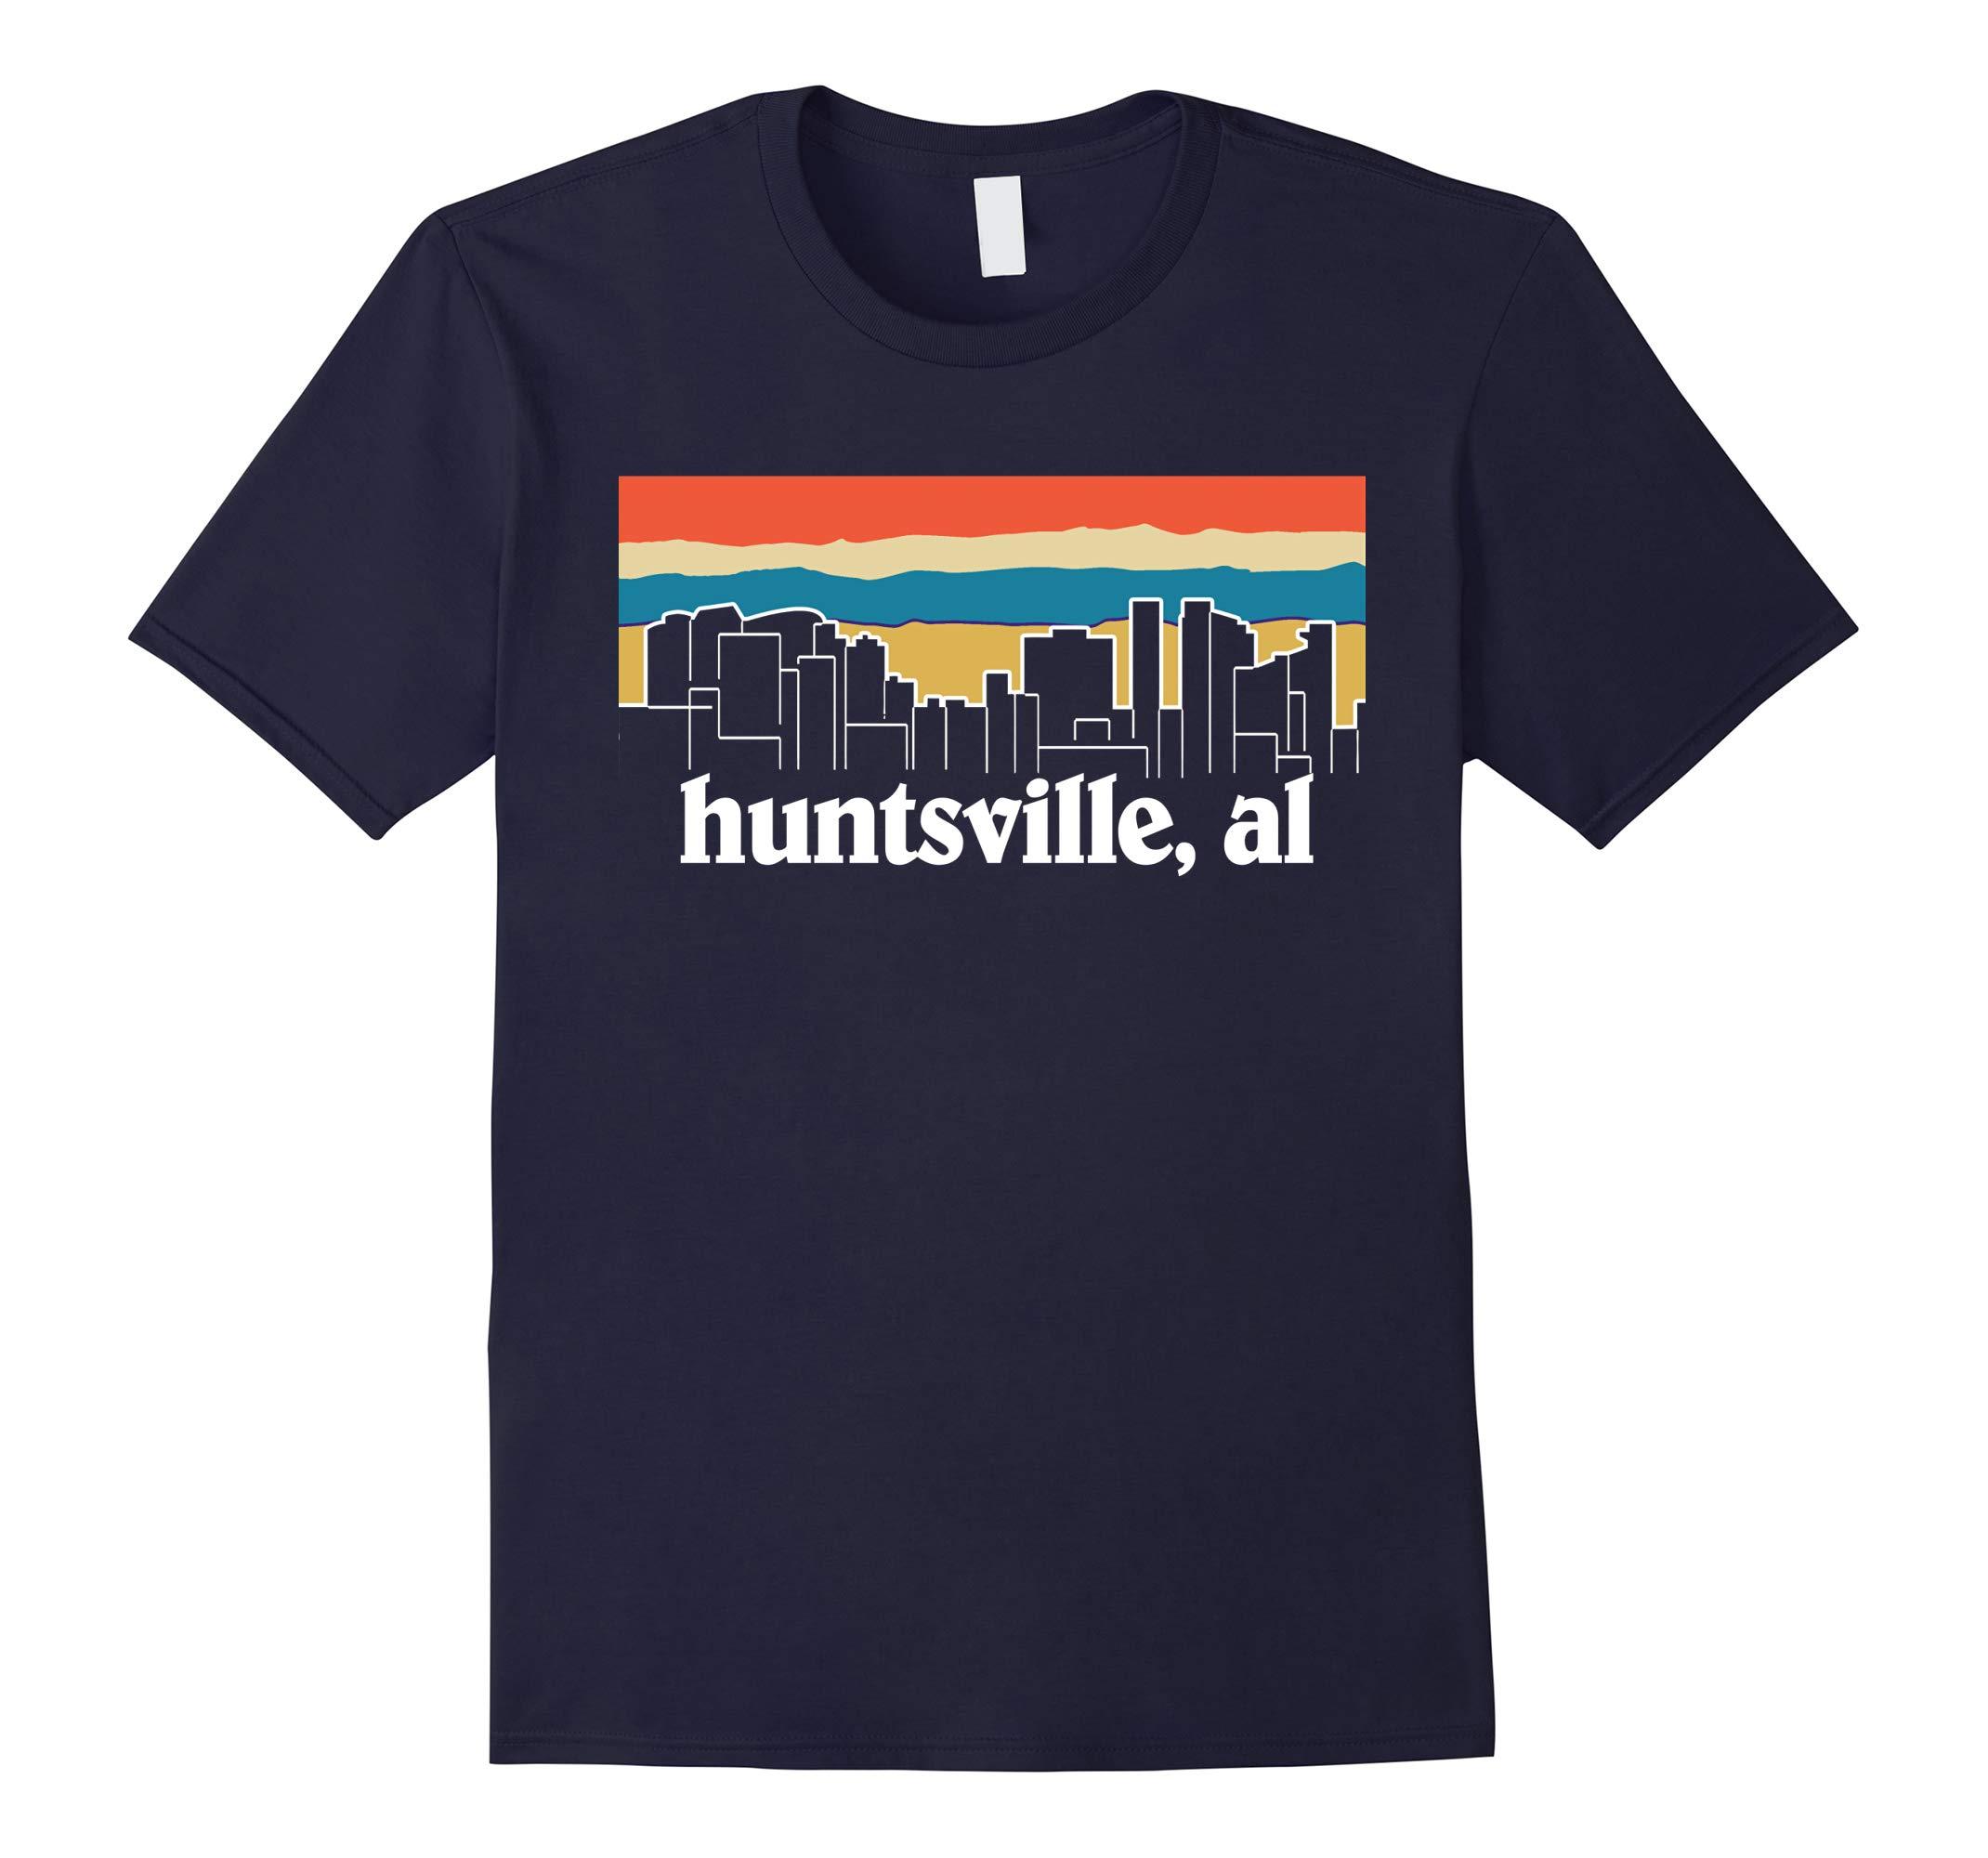 huntsville alabama shirt-RT